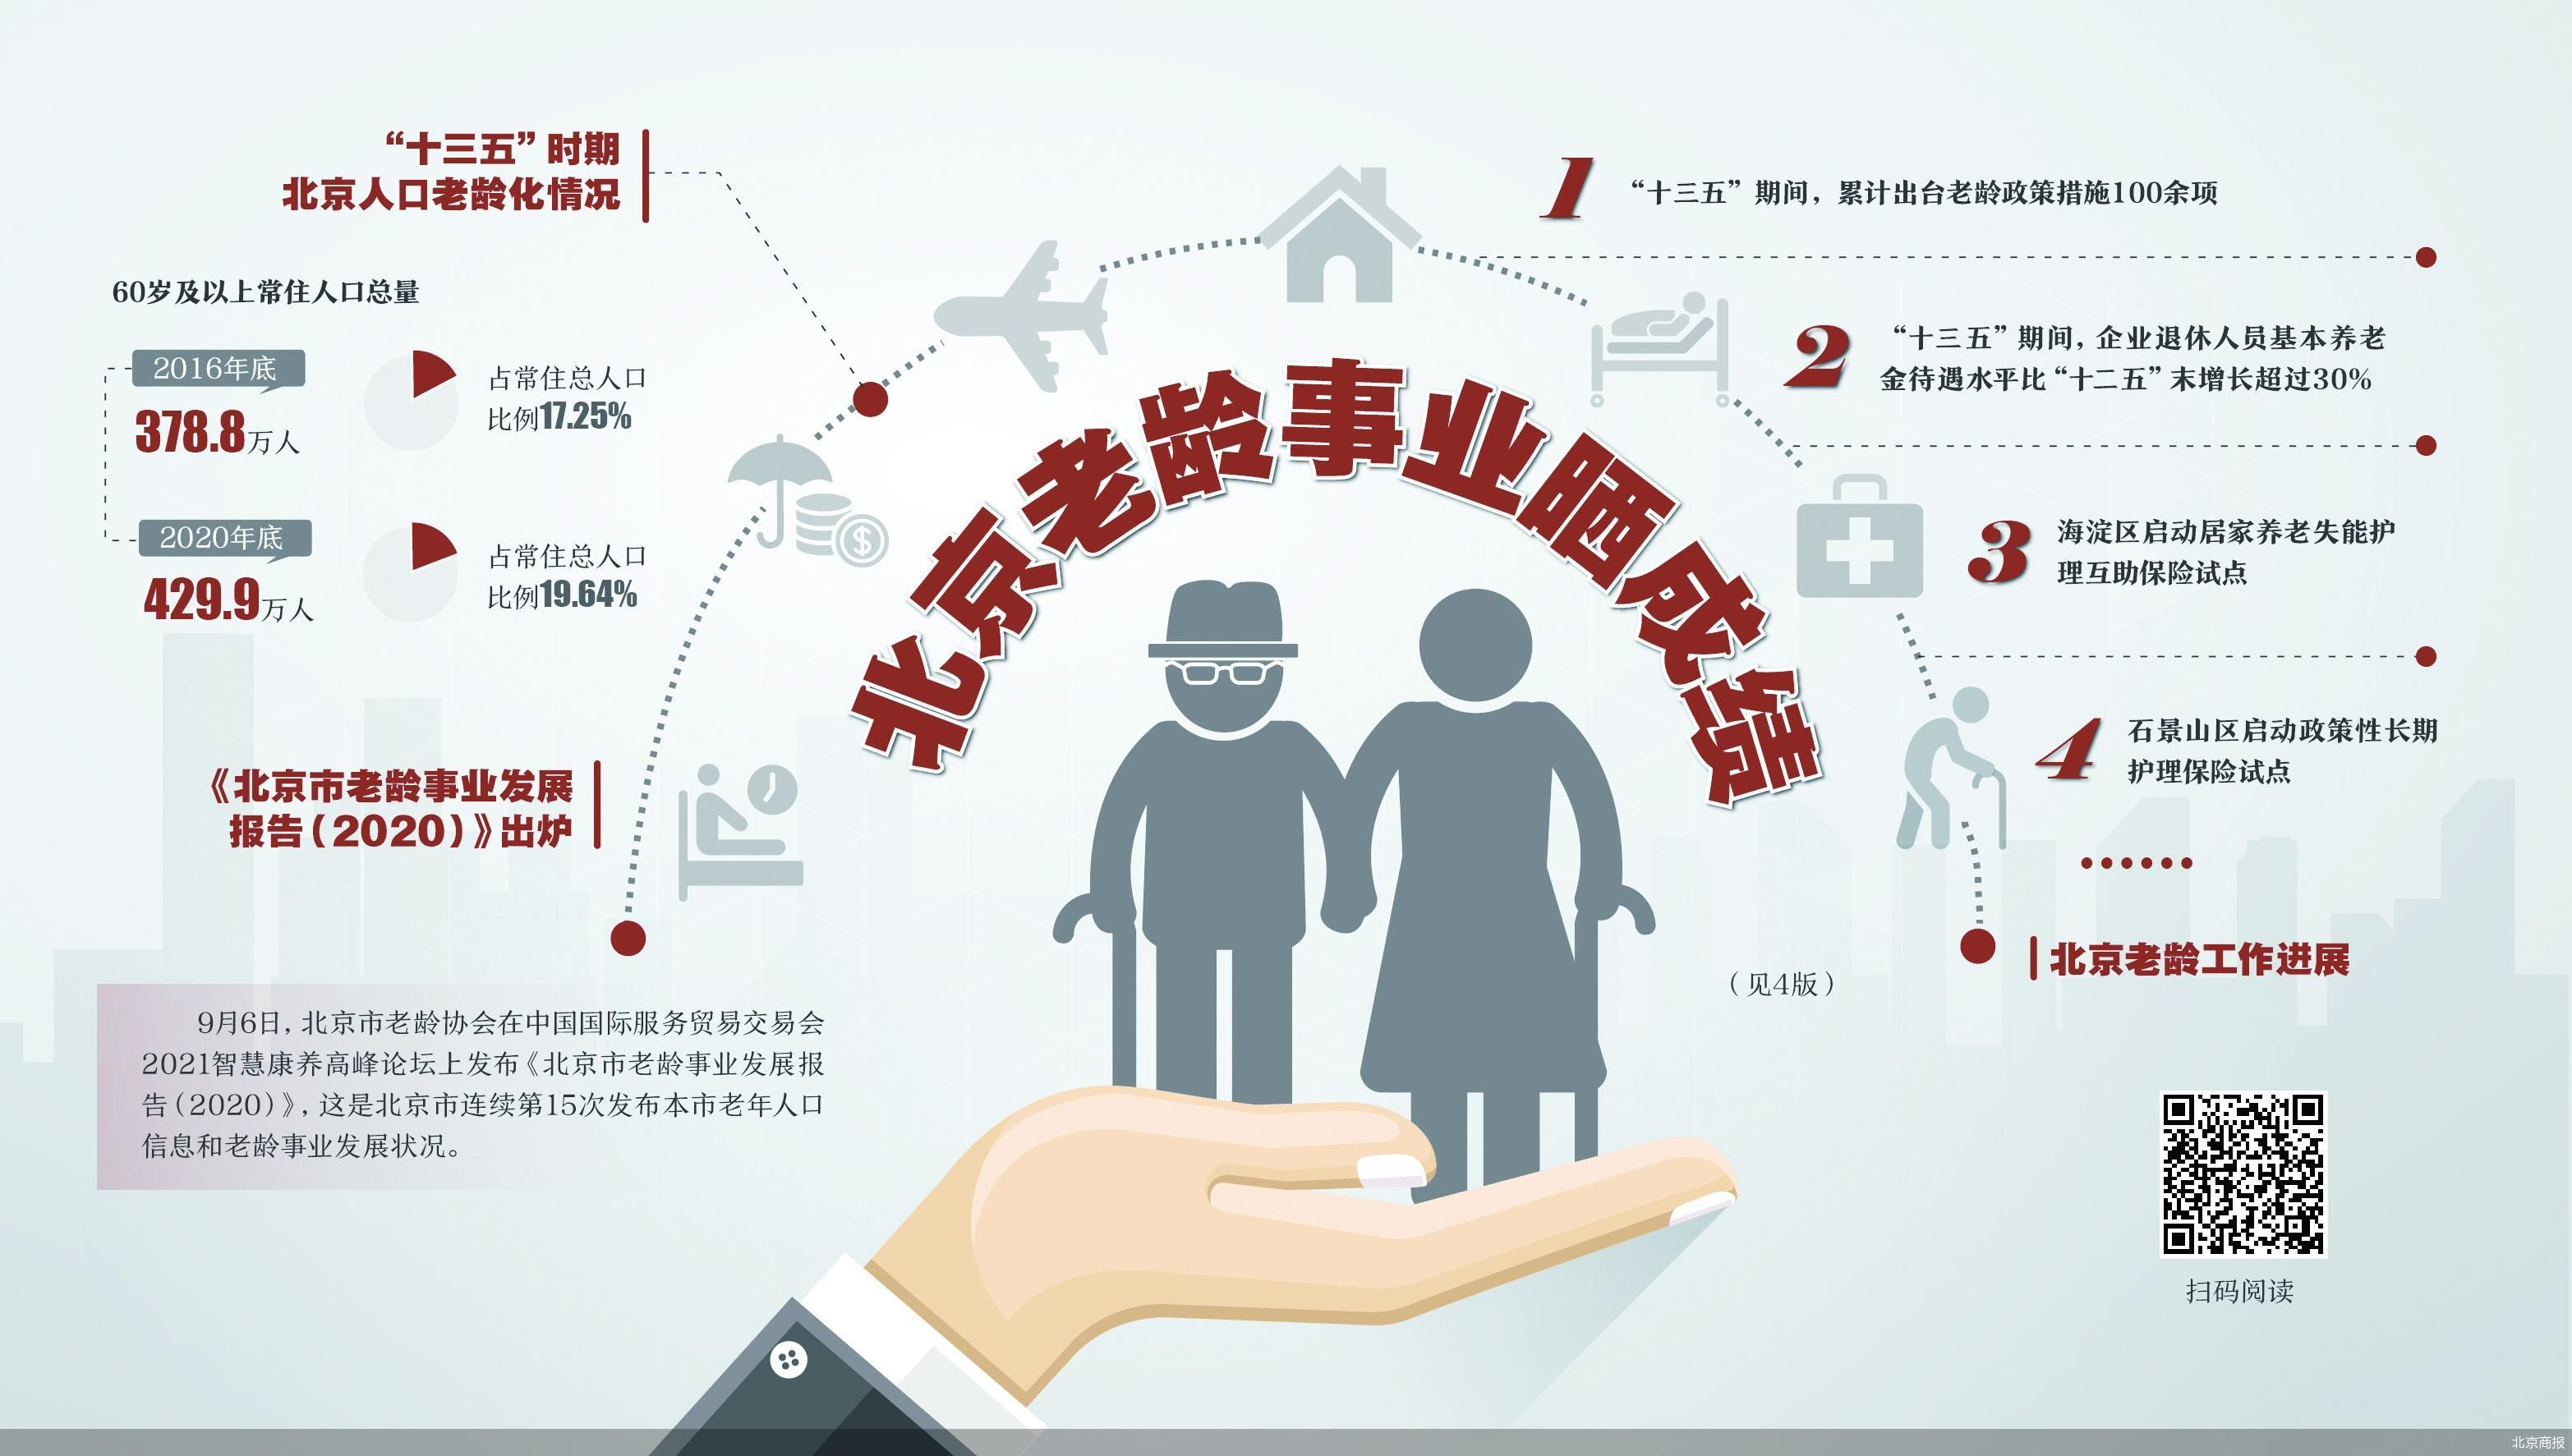 """老年健康服务体系建设初见成效 北京""""老有所养""""有解了"""